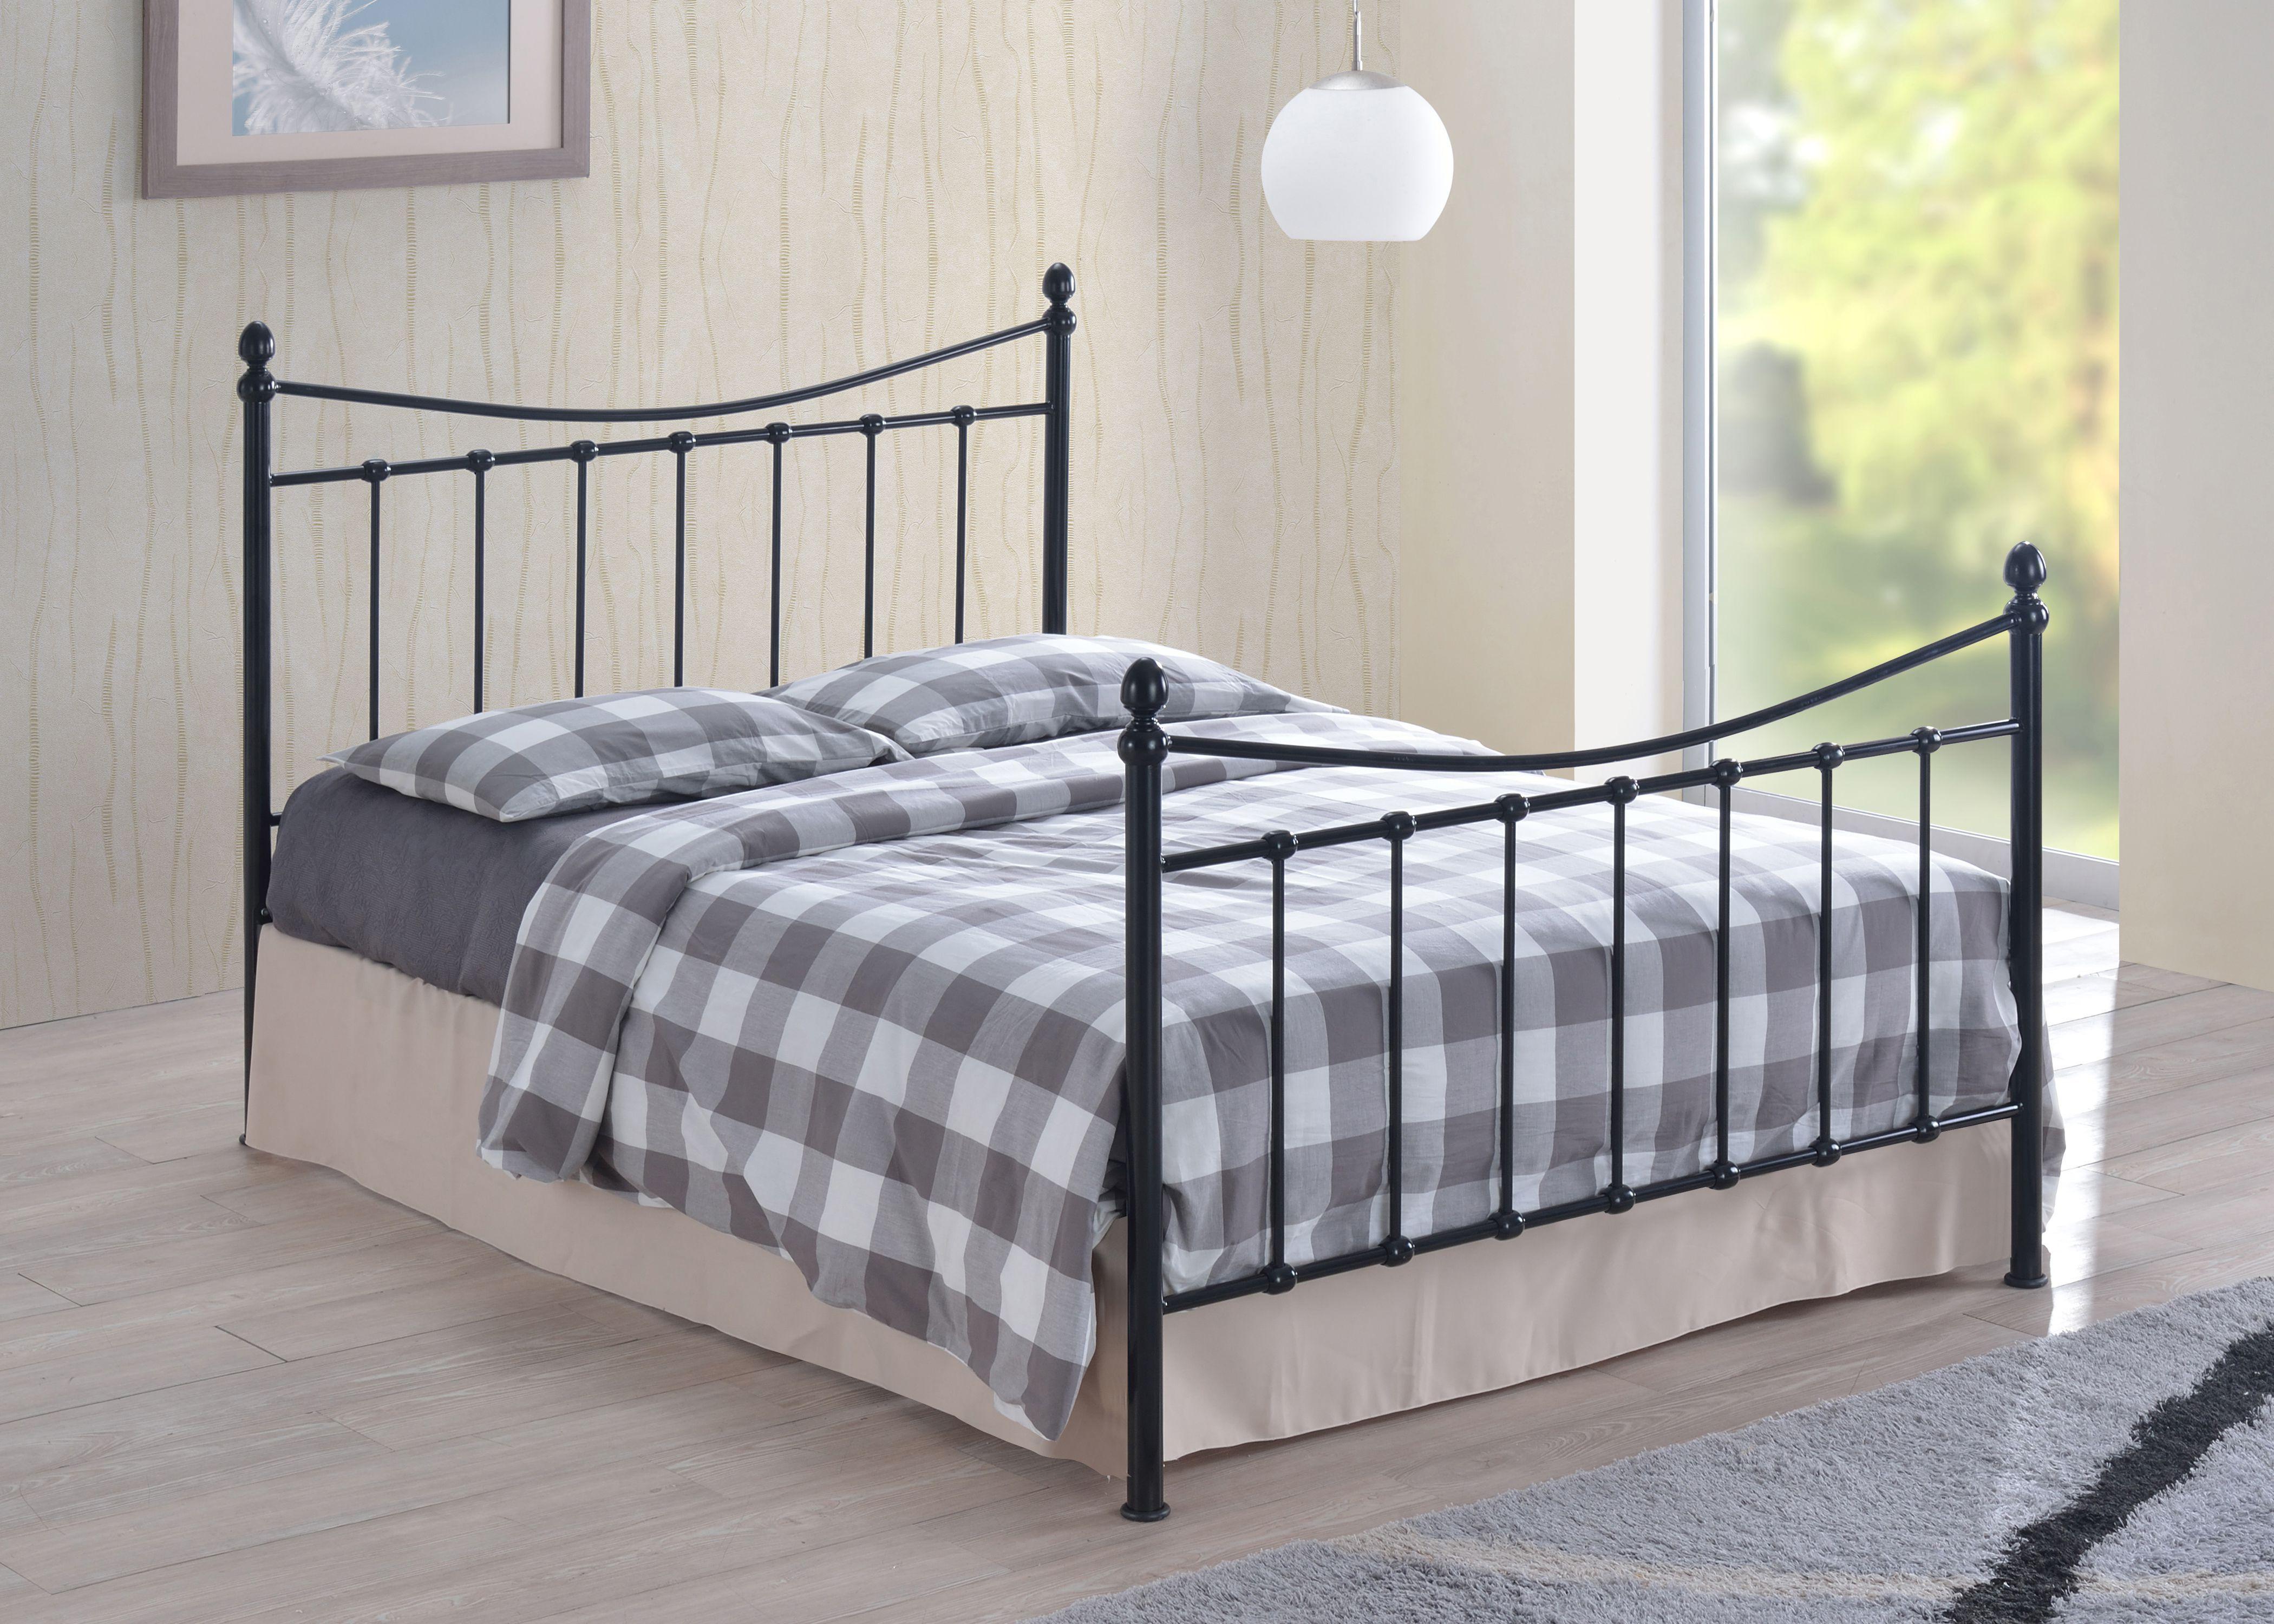 Alderley Bed Metal bed frame, King size bed frame, Bed sizes